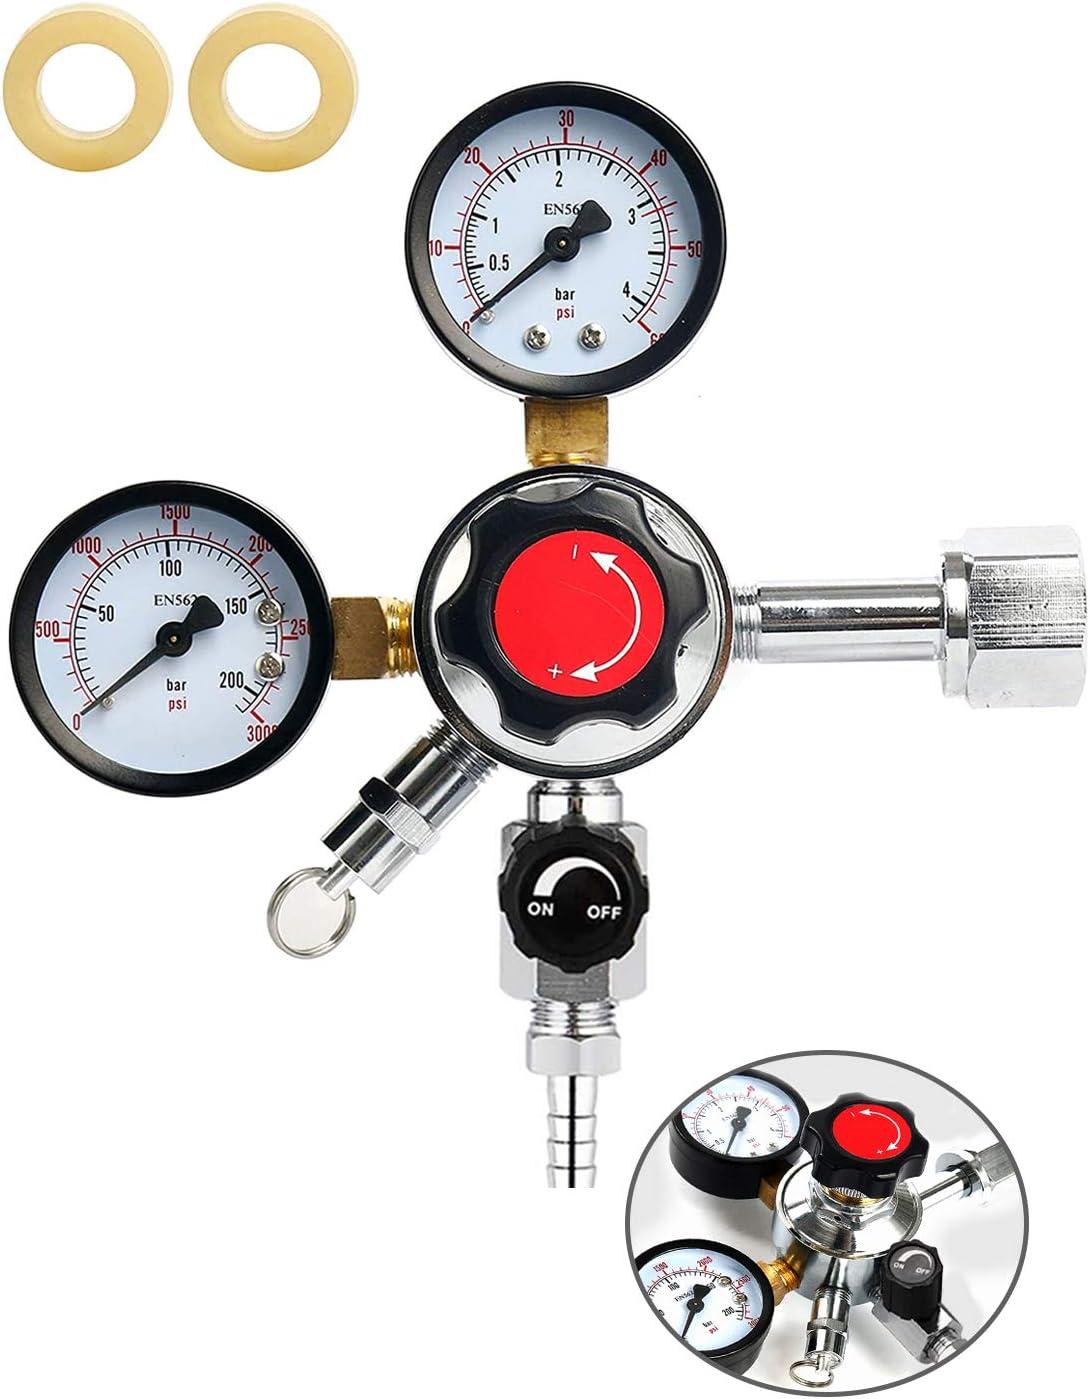 KECOP Dual Gauge CO2 Draft Beer Regulator Dual Stage Pressure Regulator CGA-320 CO2 Tank Beer Kegerator Regulator with Relief Valve Beer Keg Pressure Regulator for Homebrew 0-60 PSI Working Pressure